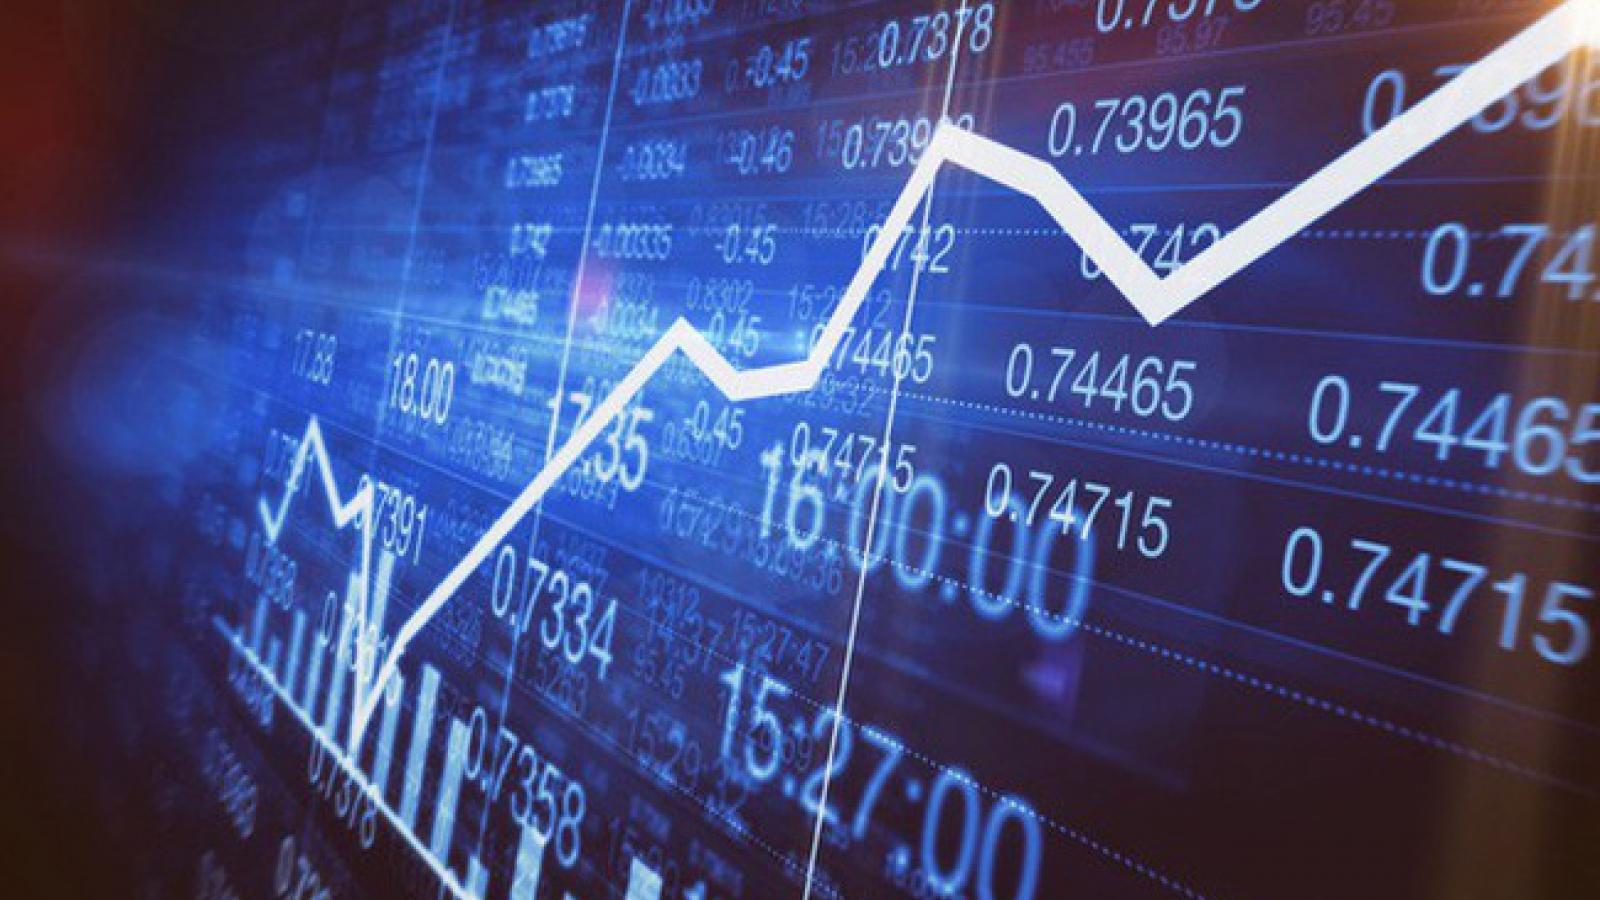 Lập sàn giao dịch tài chính đa cấp để chiếm đoạt tài sản